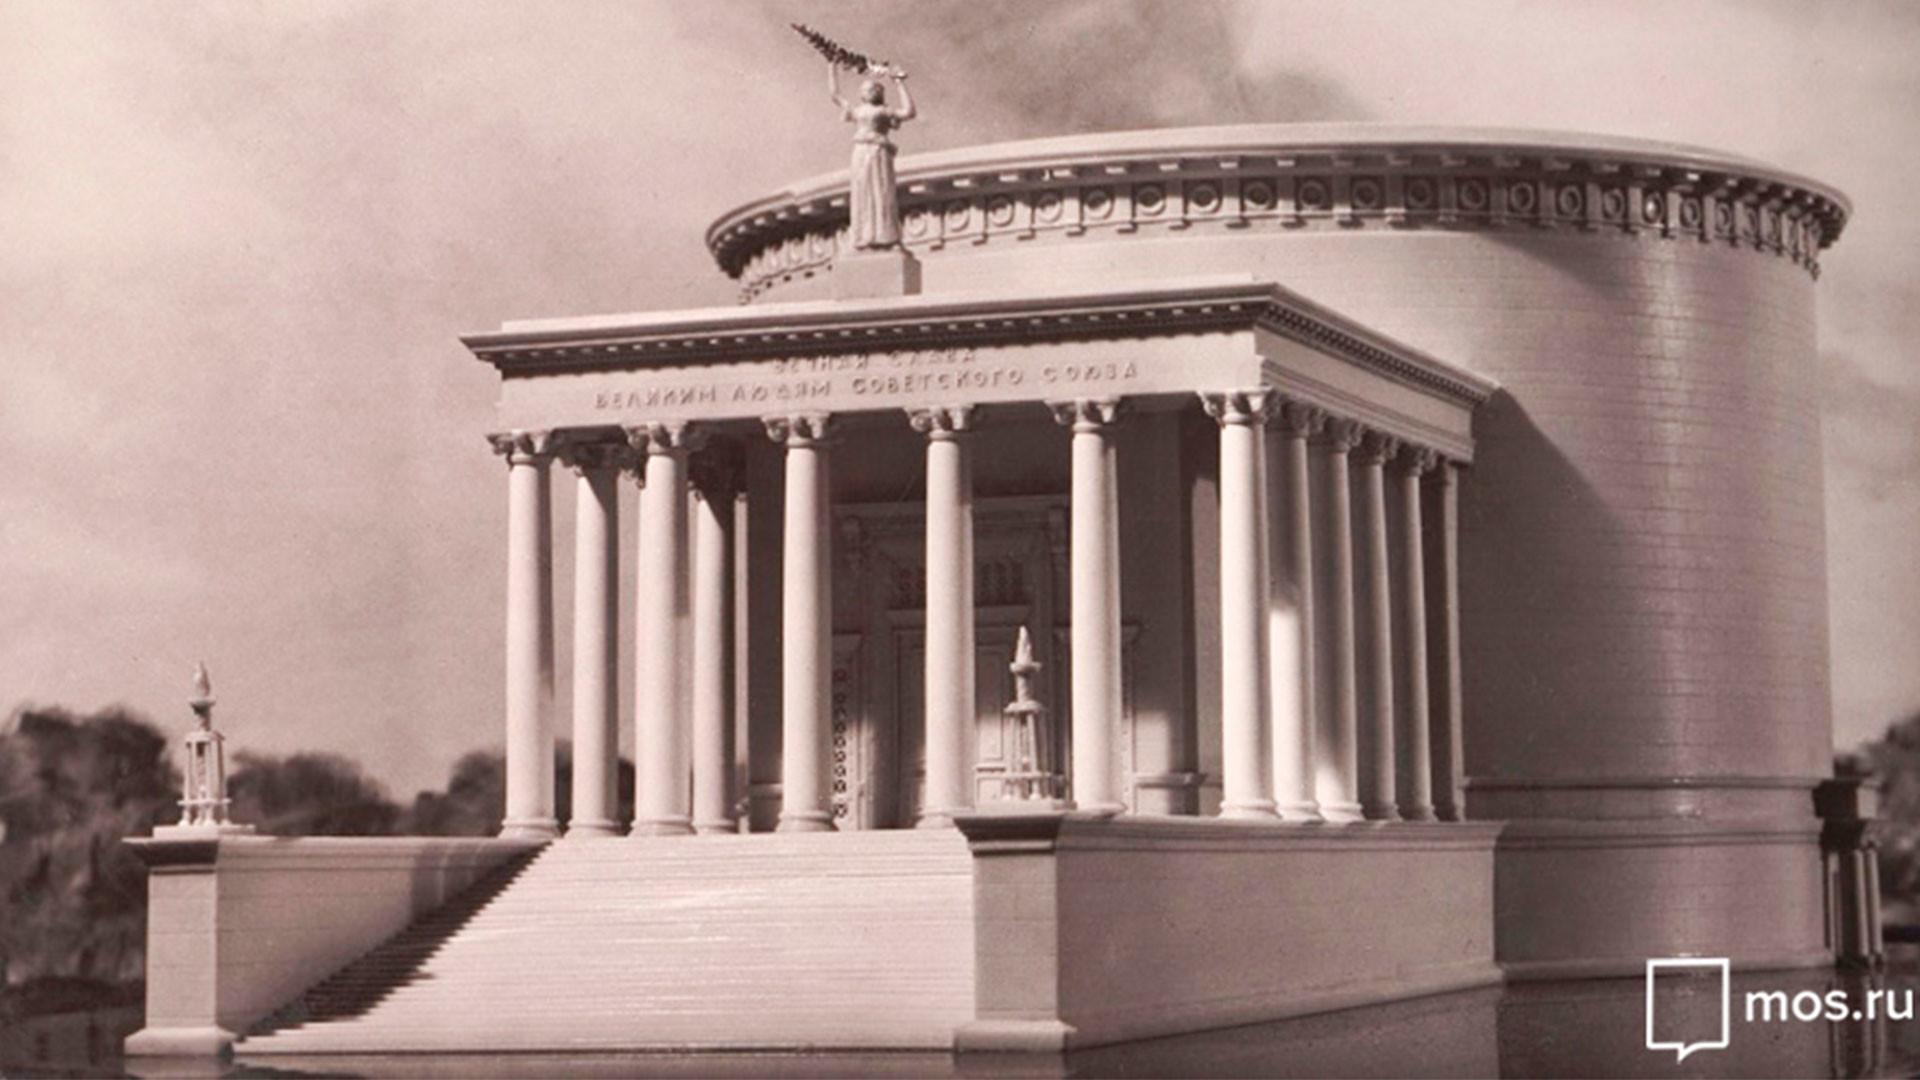 Пантеон Славе, 1953. Николај Коли, Владимир Гељфрејх и Михаил Минкус